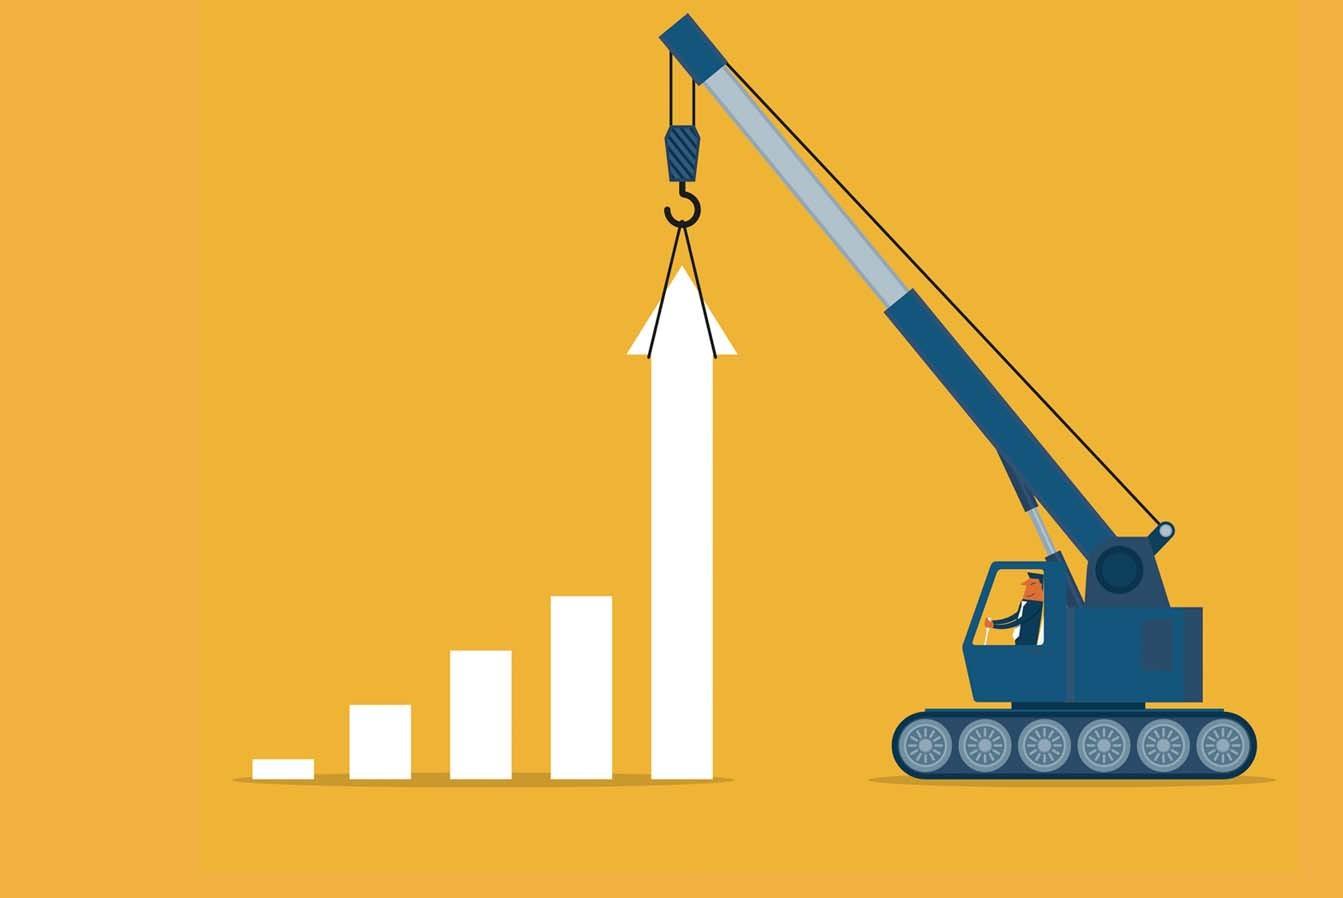 4 Tipps, wie sich der Unternehmenswert steigern lässt